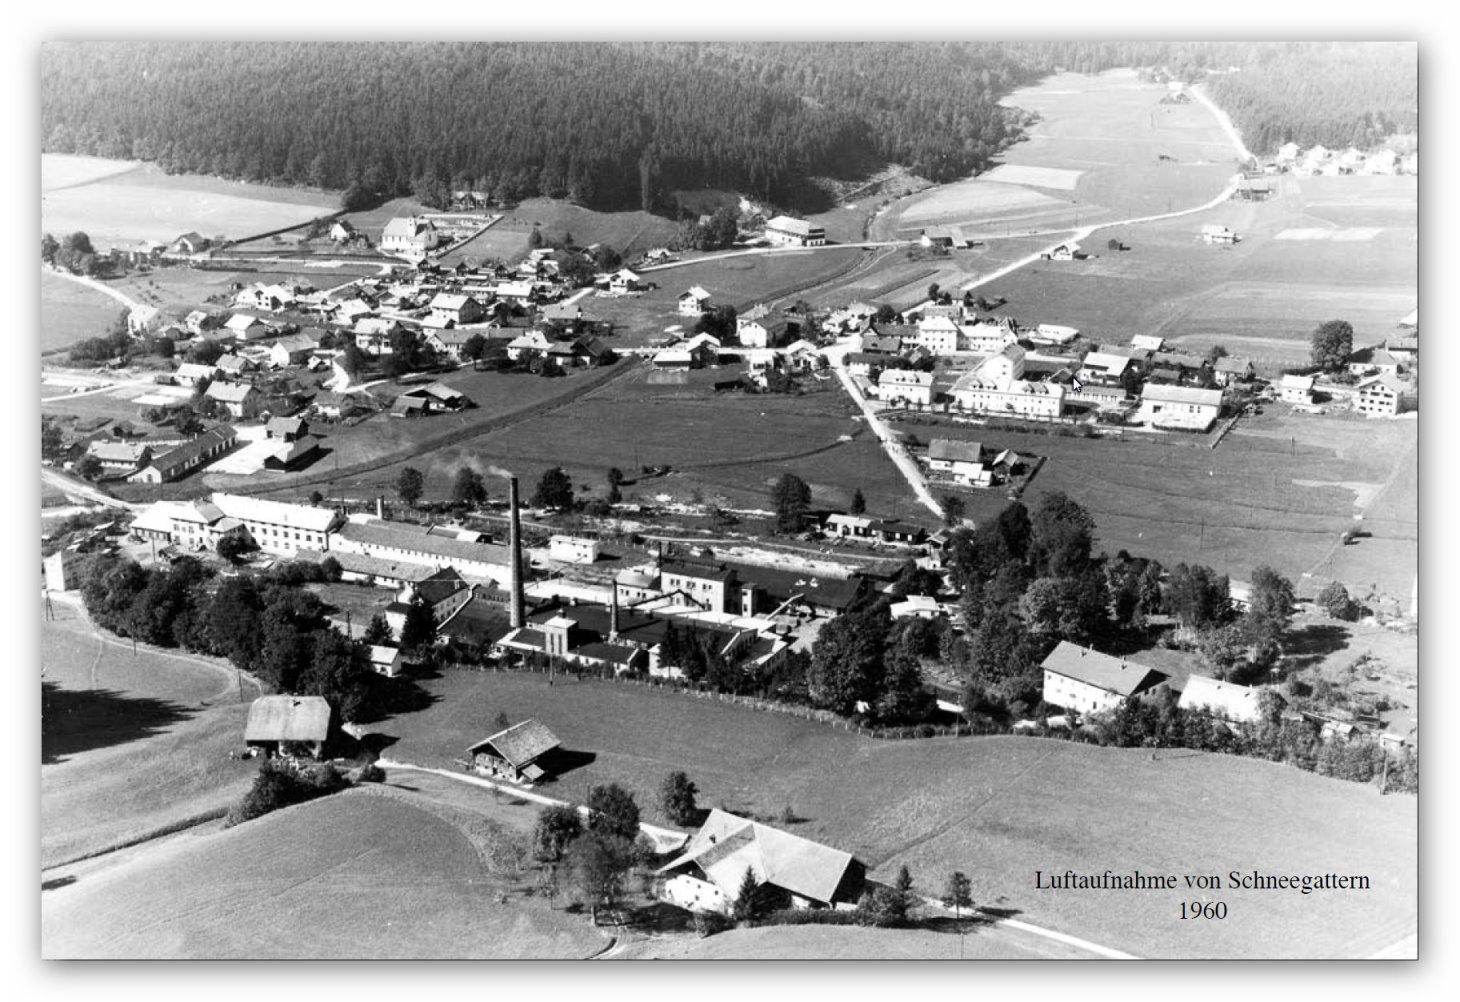 https://0501.nccdn.net/4_2/000/000/07d/95b/Luftaufnahme-Schneegattern-1960.jpg